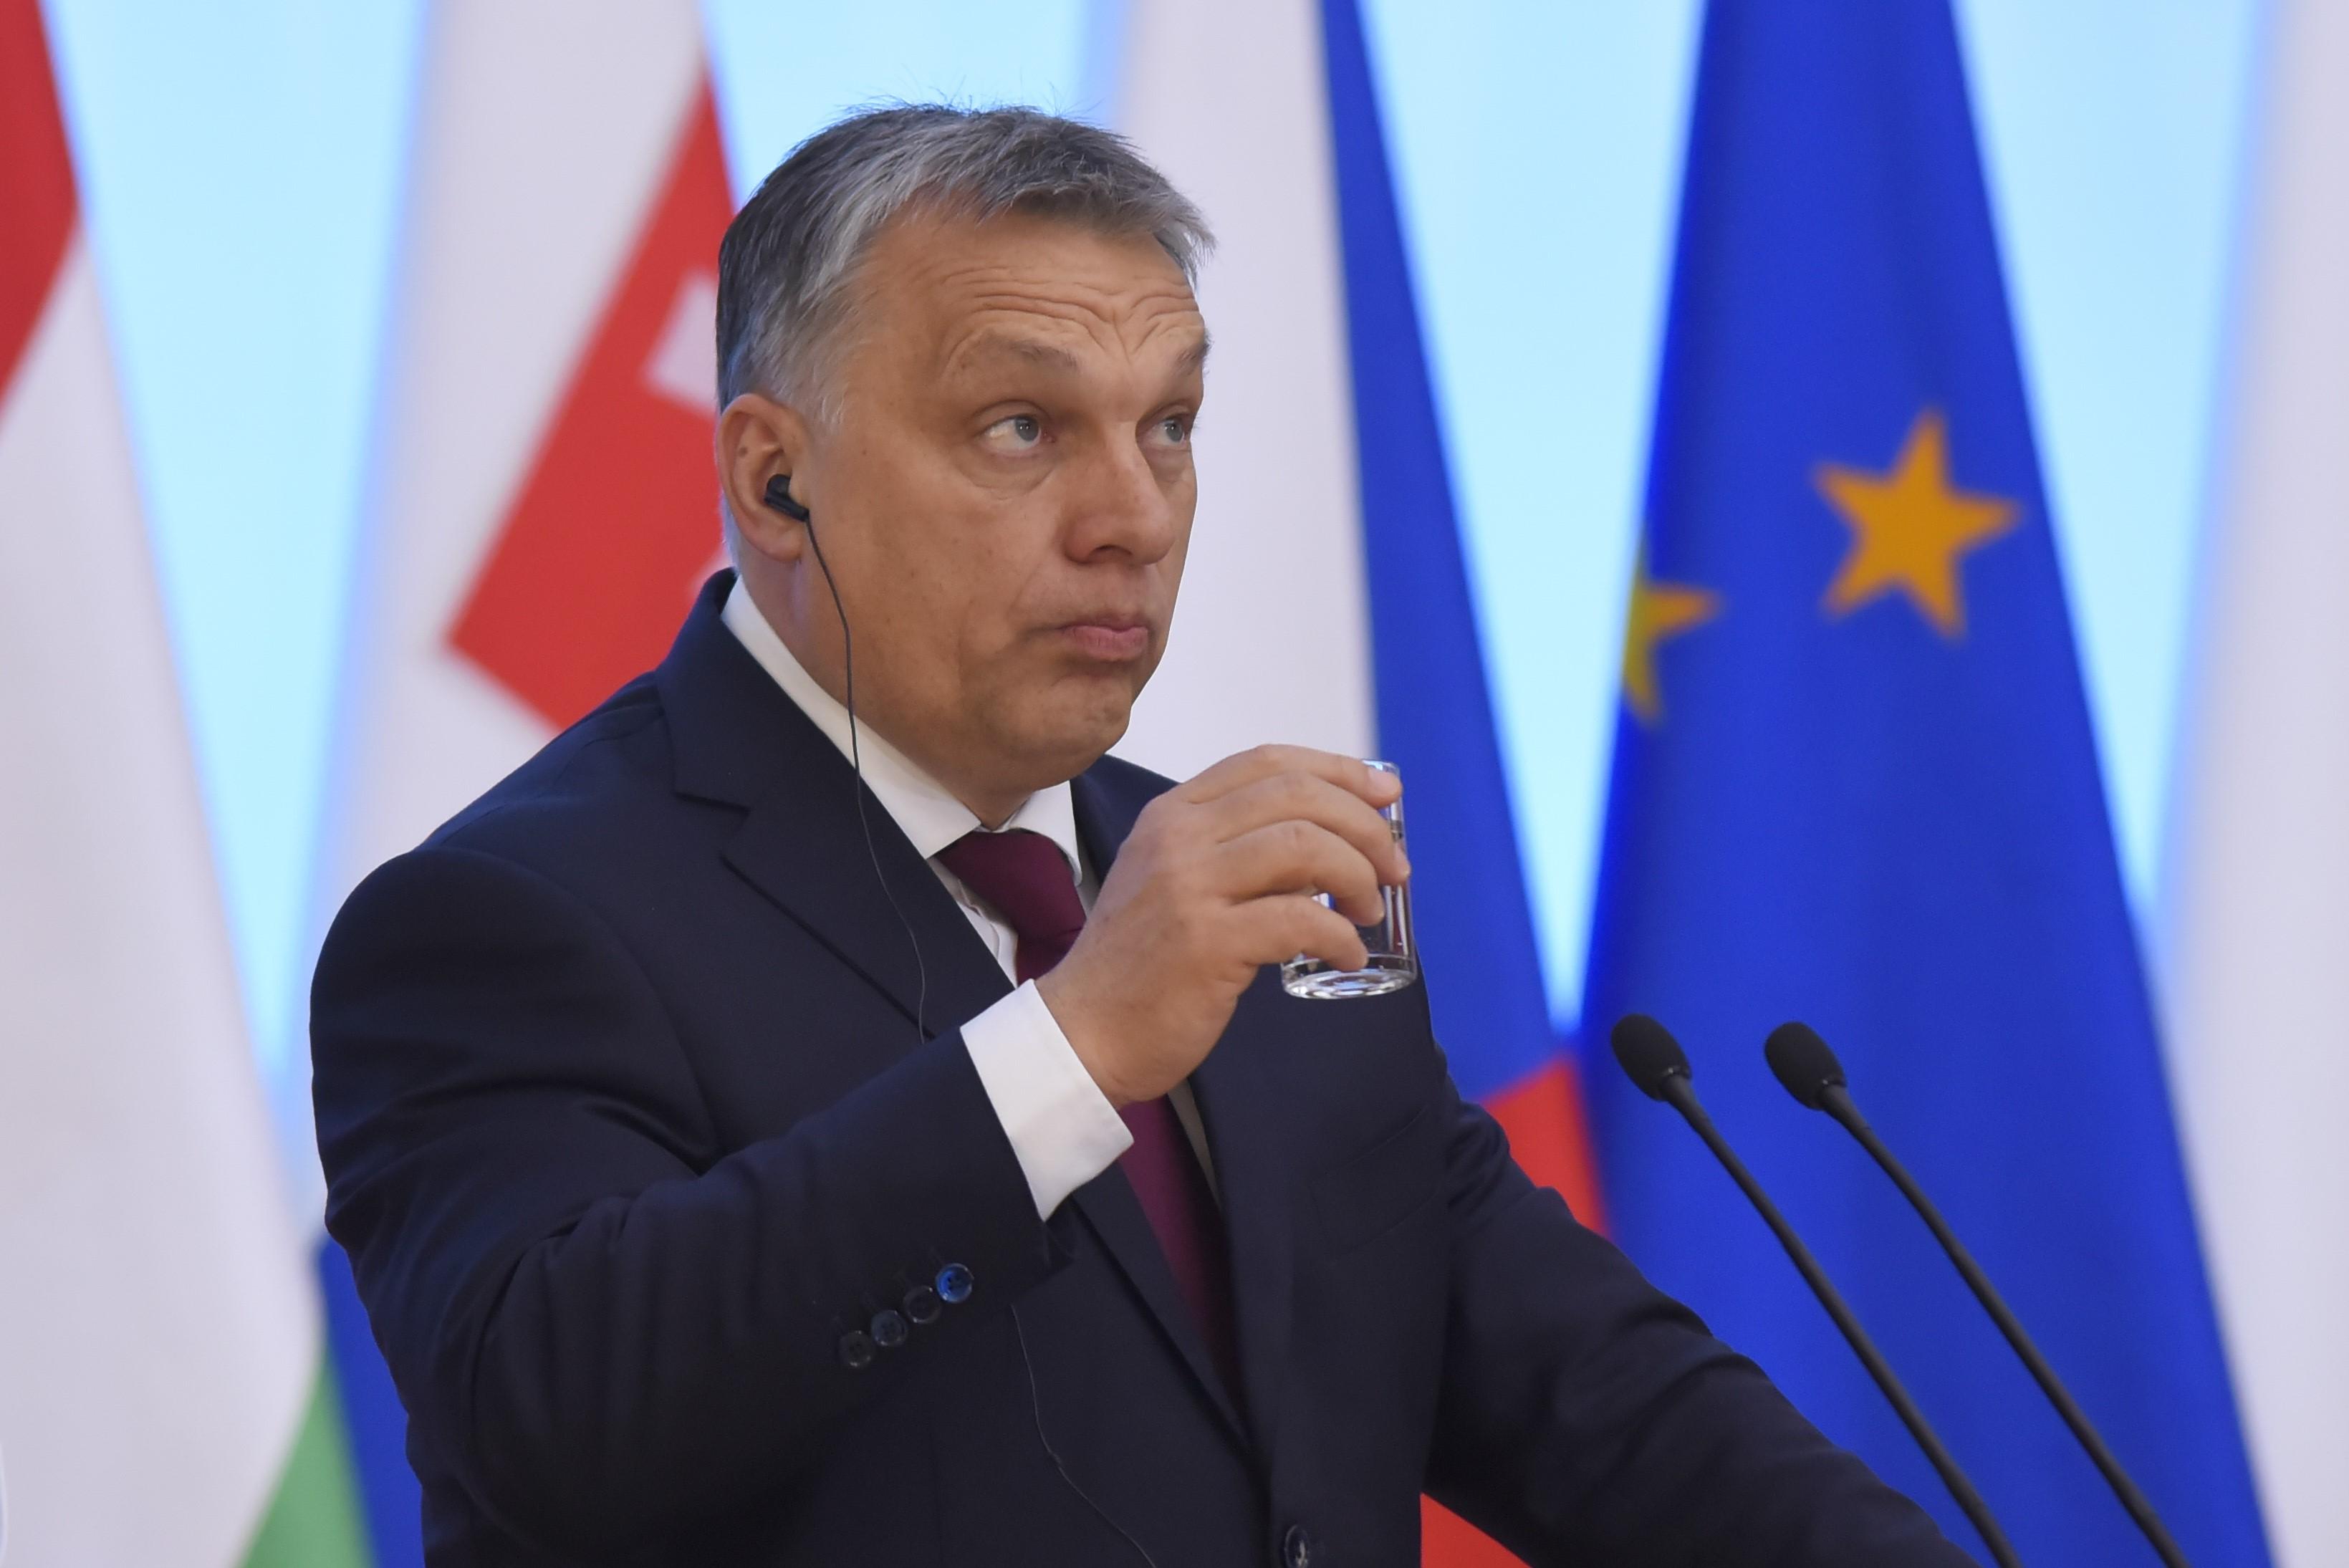 Orbán megírta a Néppárt frakcióvezetőjének: nem igaz, hogy a kormány egyetemet zárat be, és egyébként is Soros